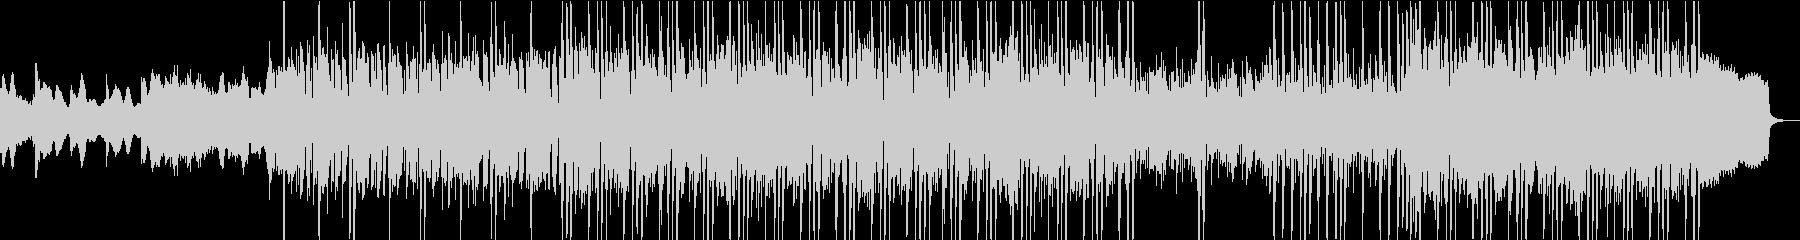 淡々と進行するギター・ピアノインストの未再生の波形